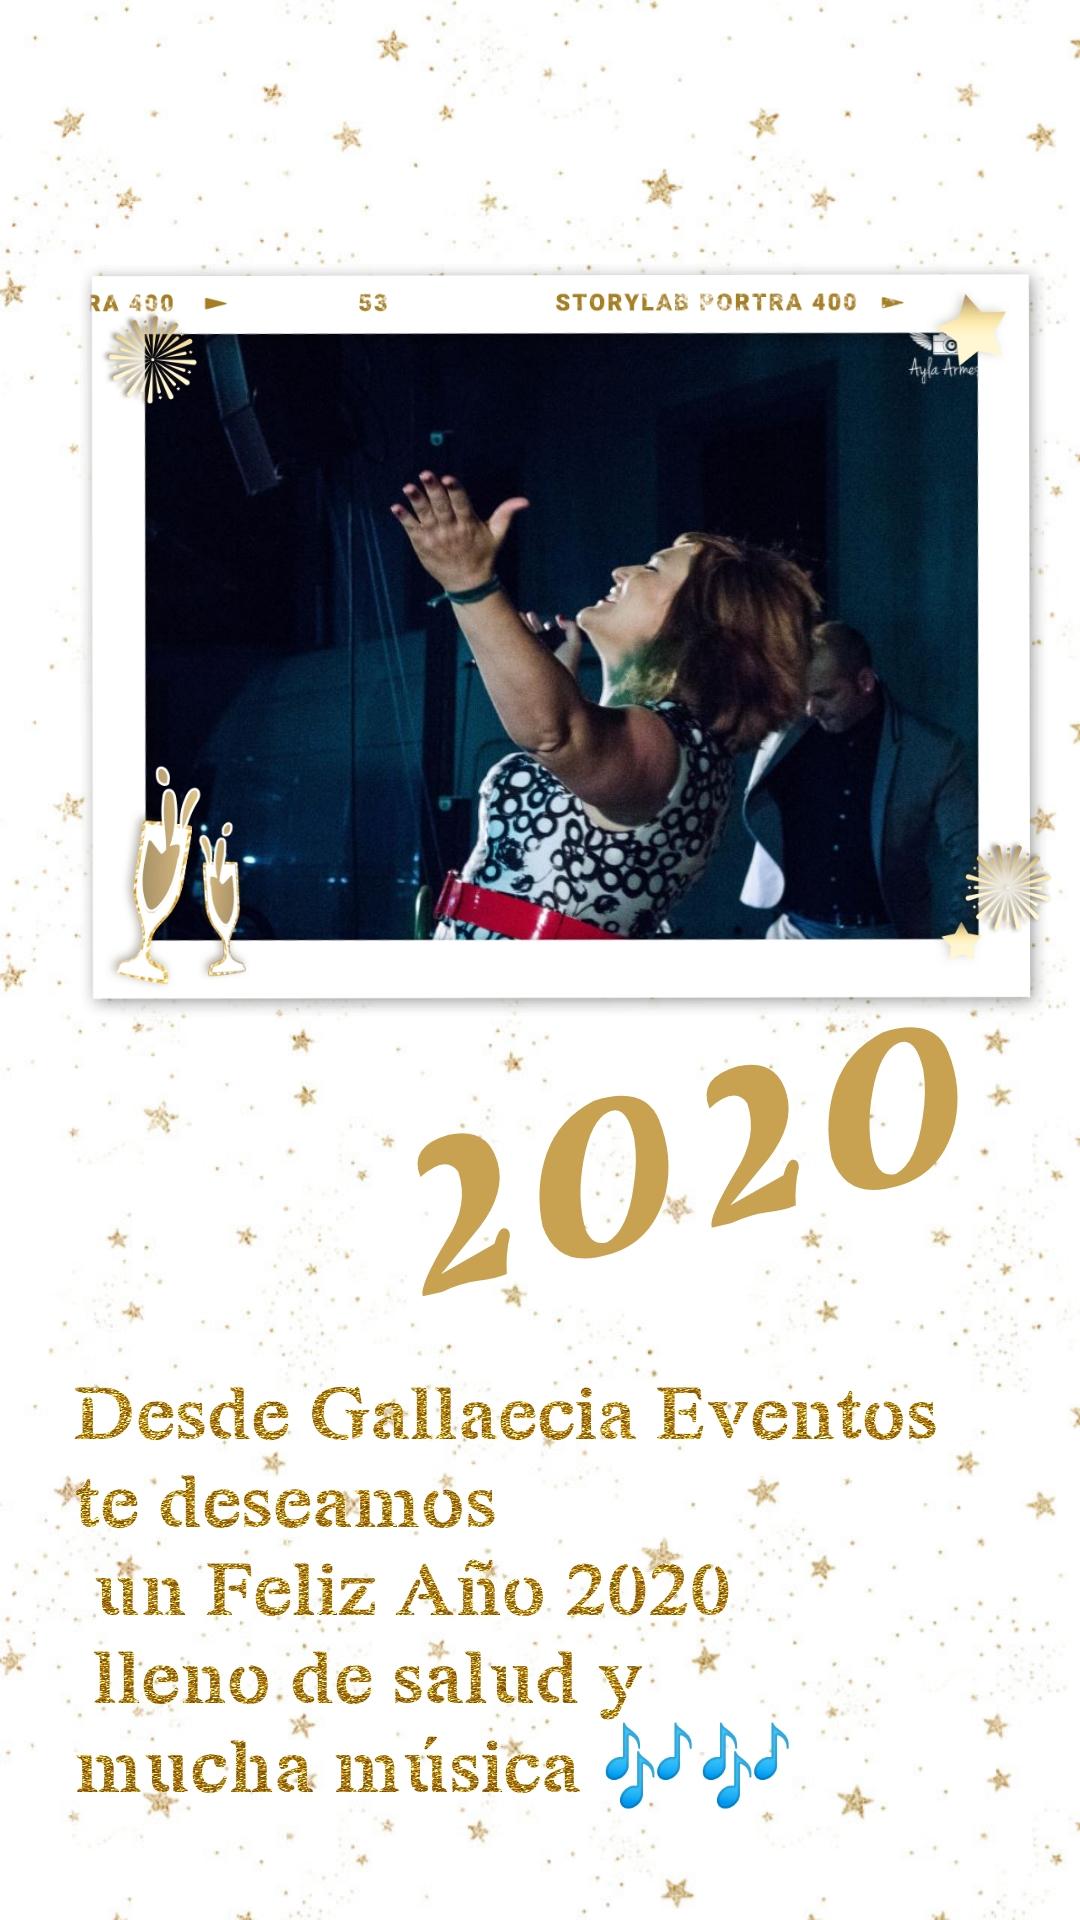 Gallaecia Eventos Feliz 2020